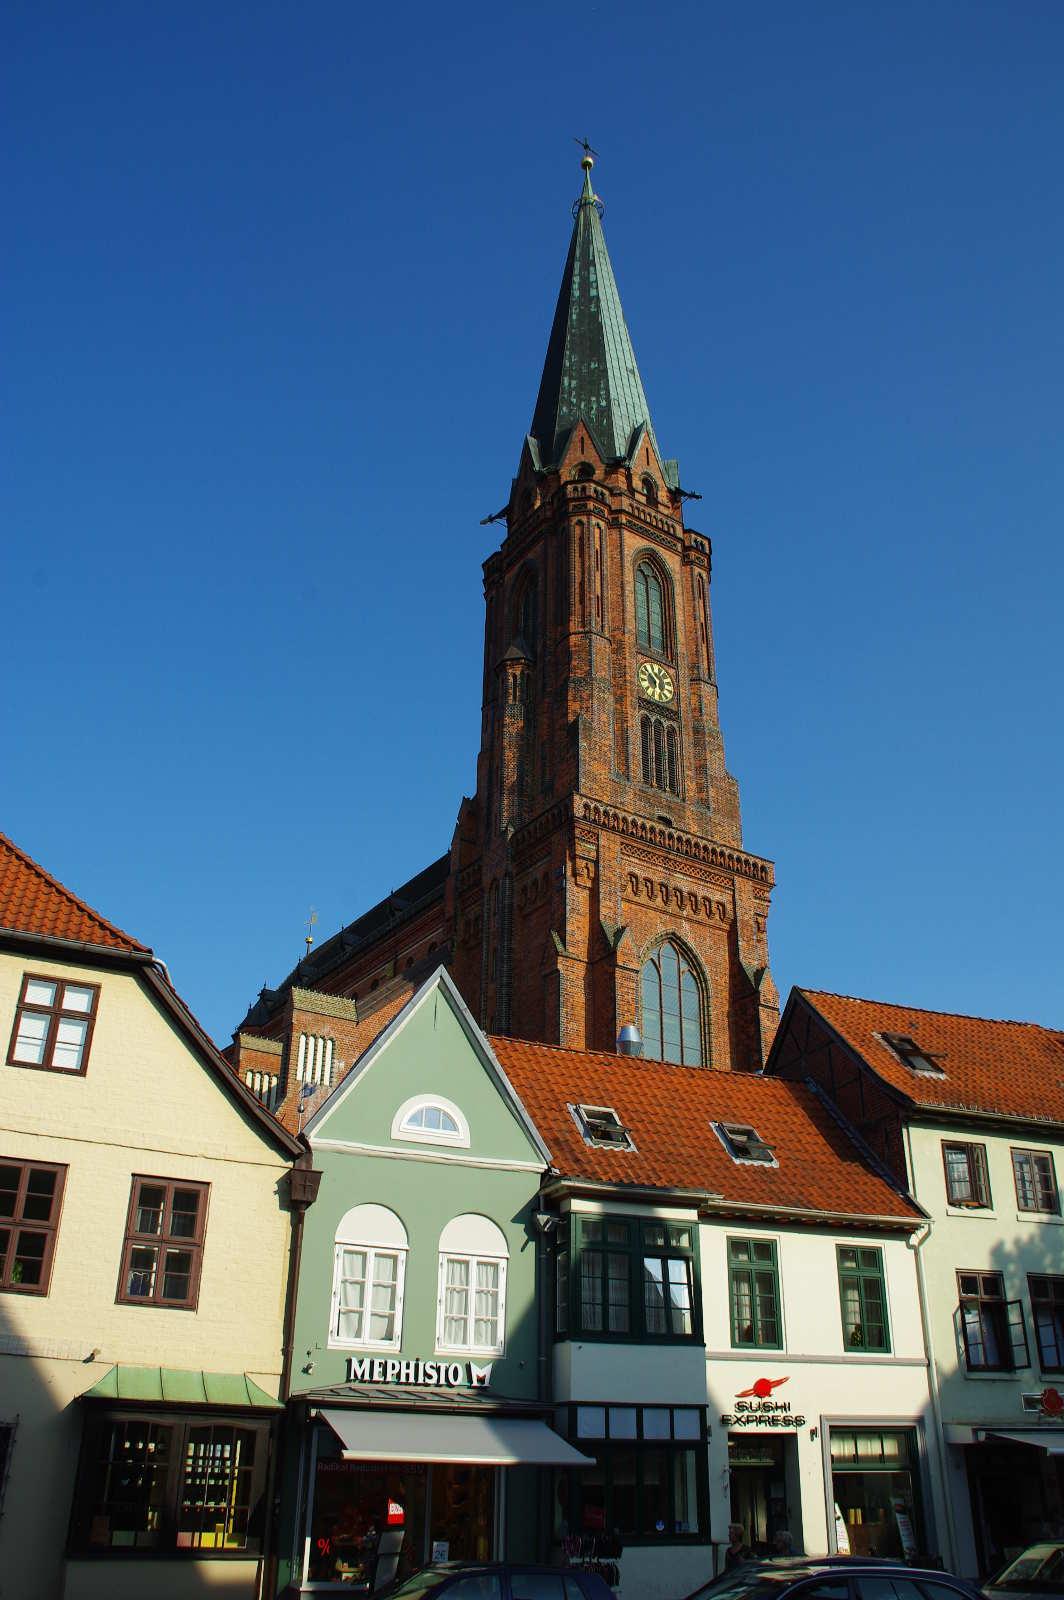 St.-Nicolai-Kirche, Lüneburg